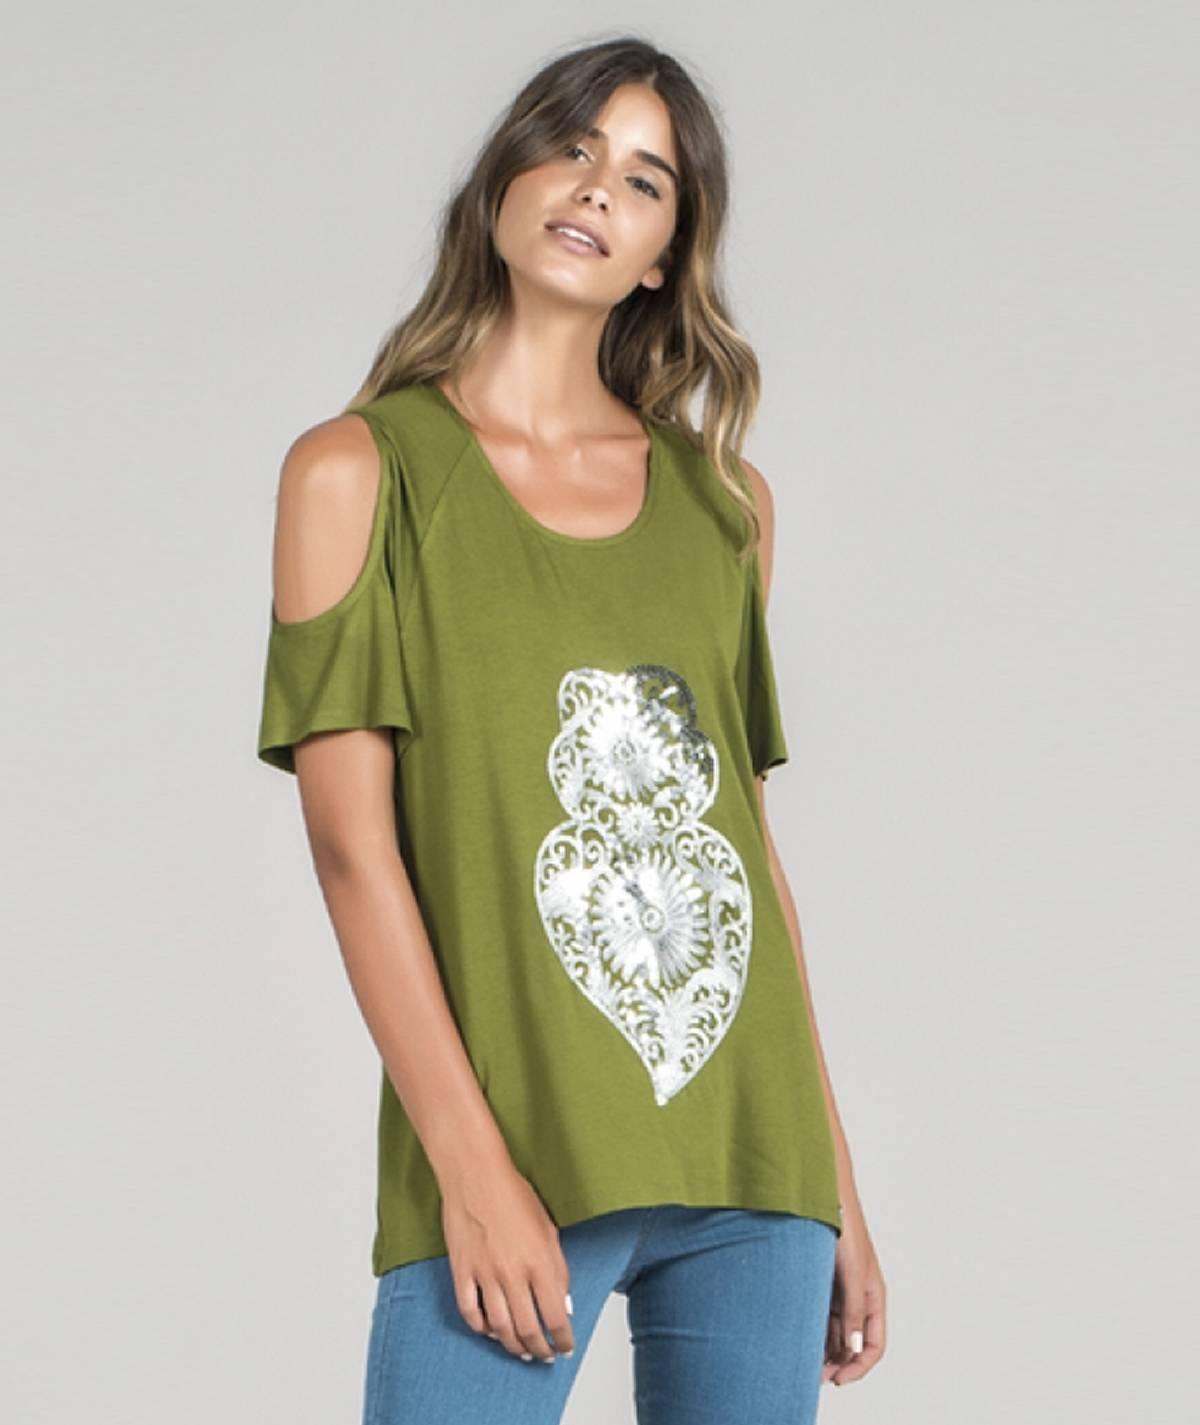 T-shirt  motivo coração